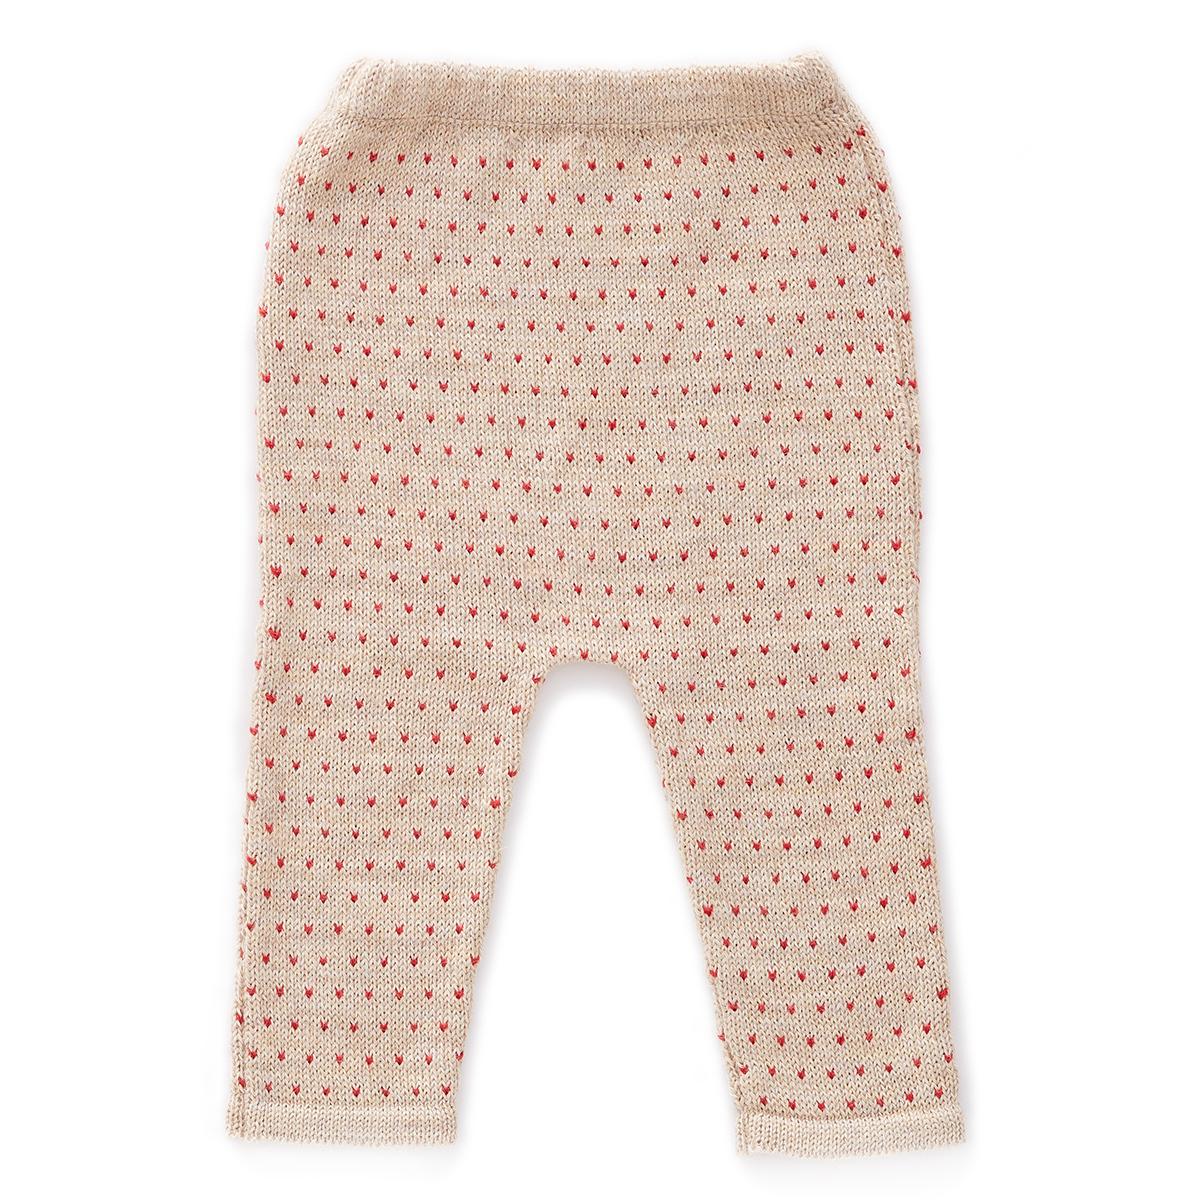 Bas Bébé Pantalon à Pois Rouges Beige - 12 Mois Pantalon à Pois Rouges Beige - 12 Mois